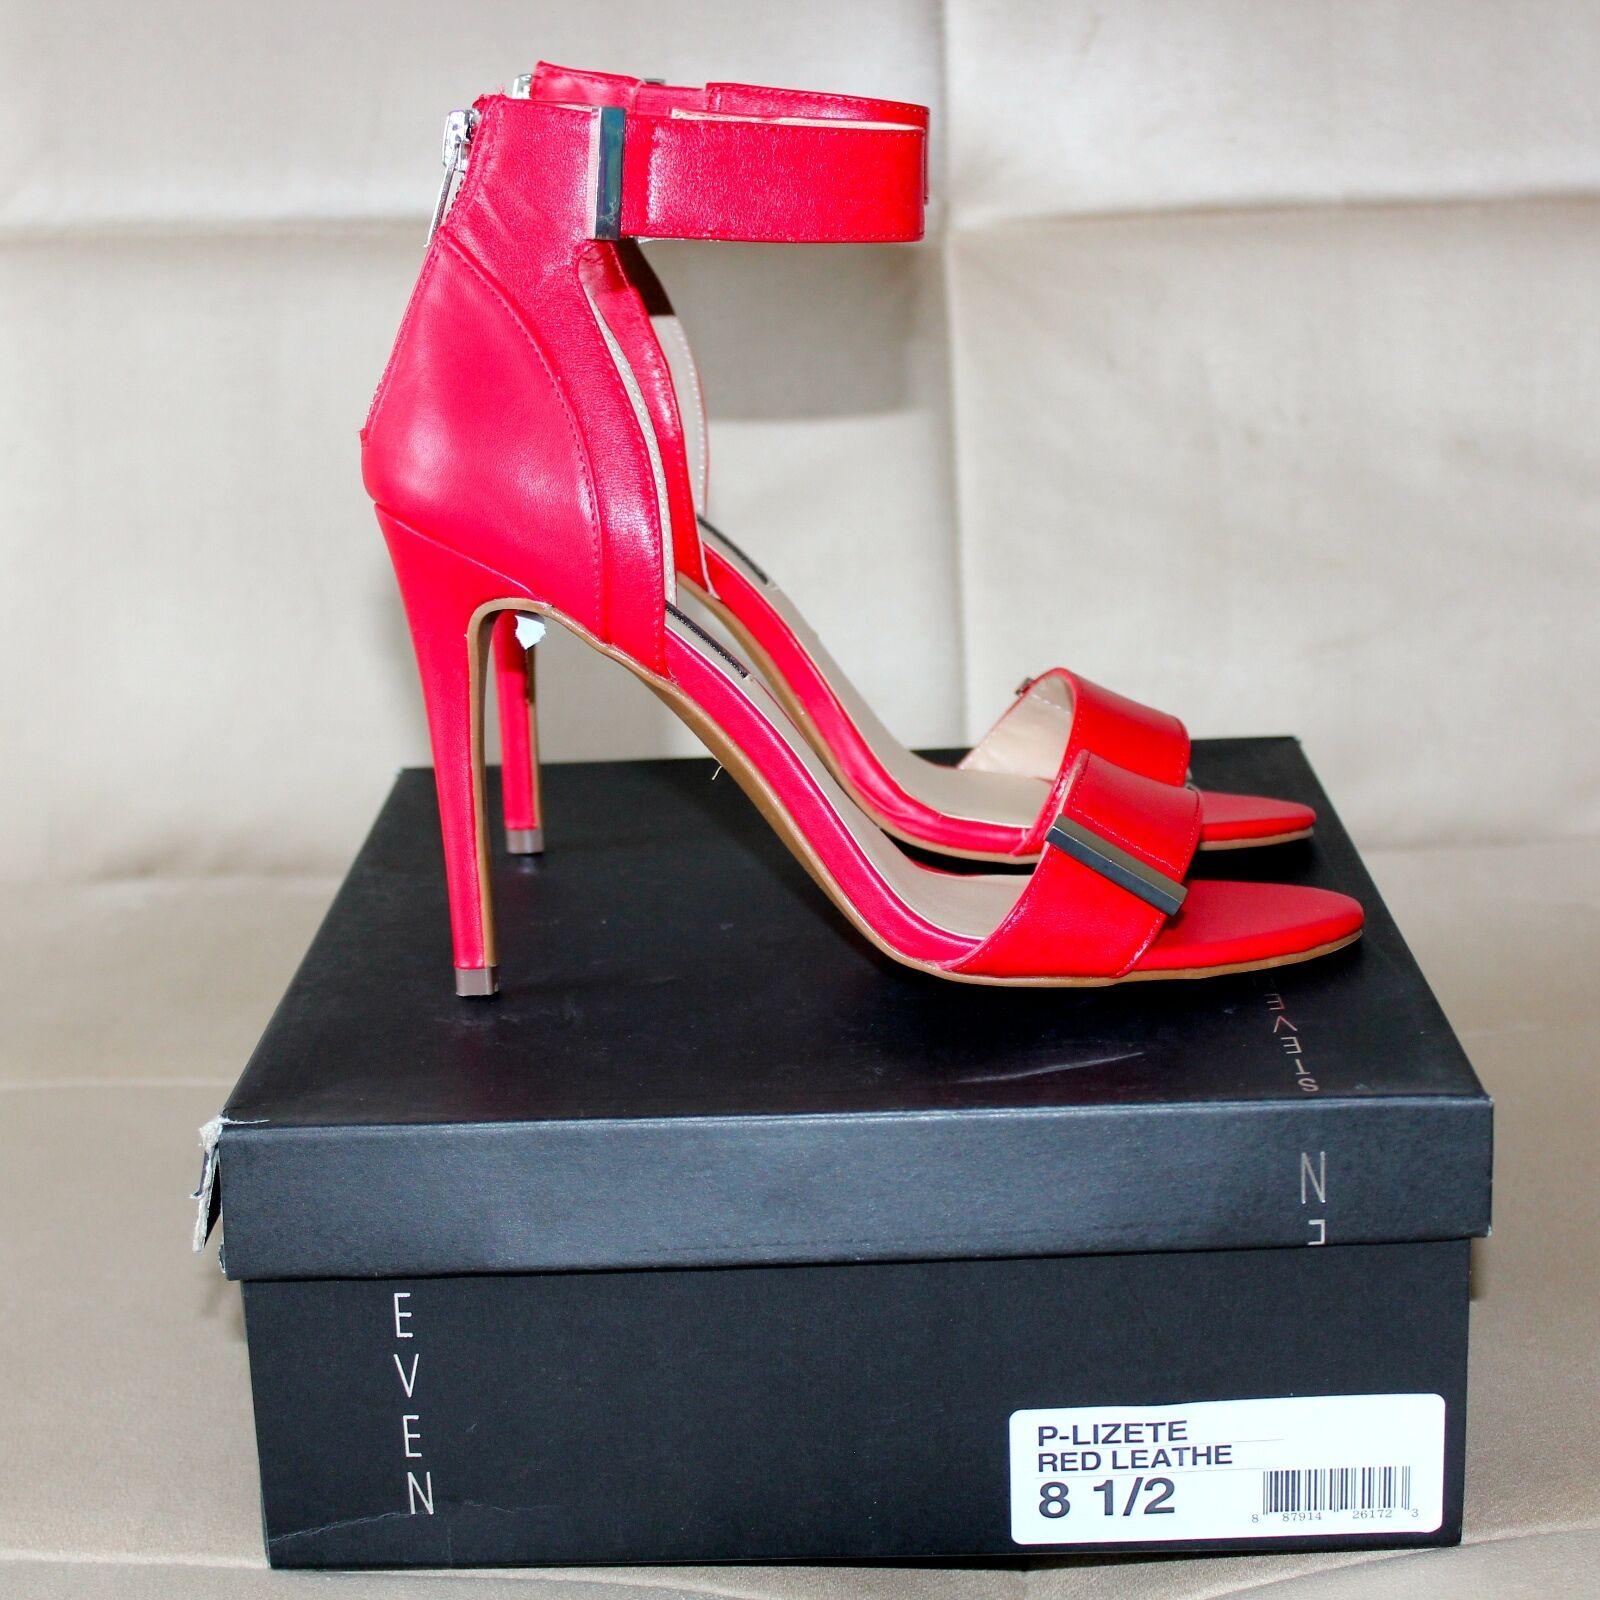 STEVE MADDEN Schuhe 8,5 SIZE 8,5 Schuhe ROT LEATHER b23de9